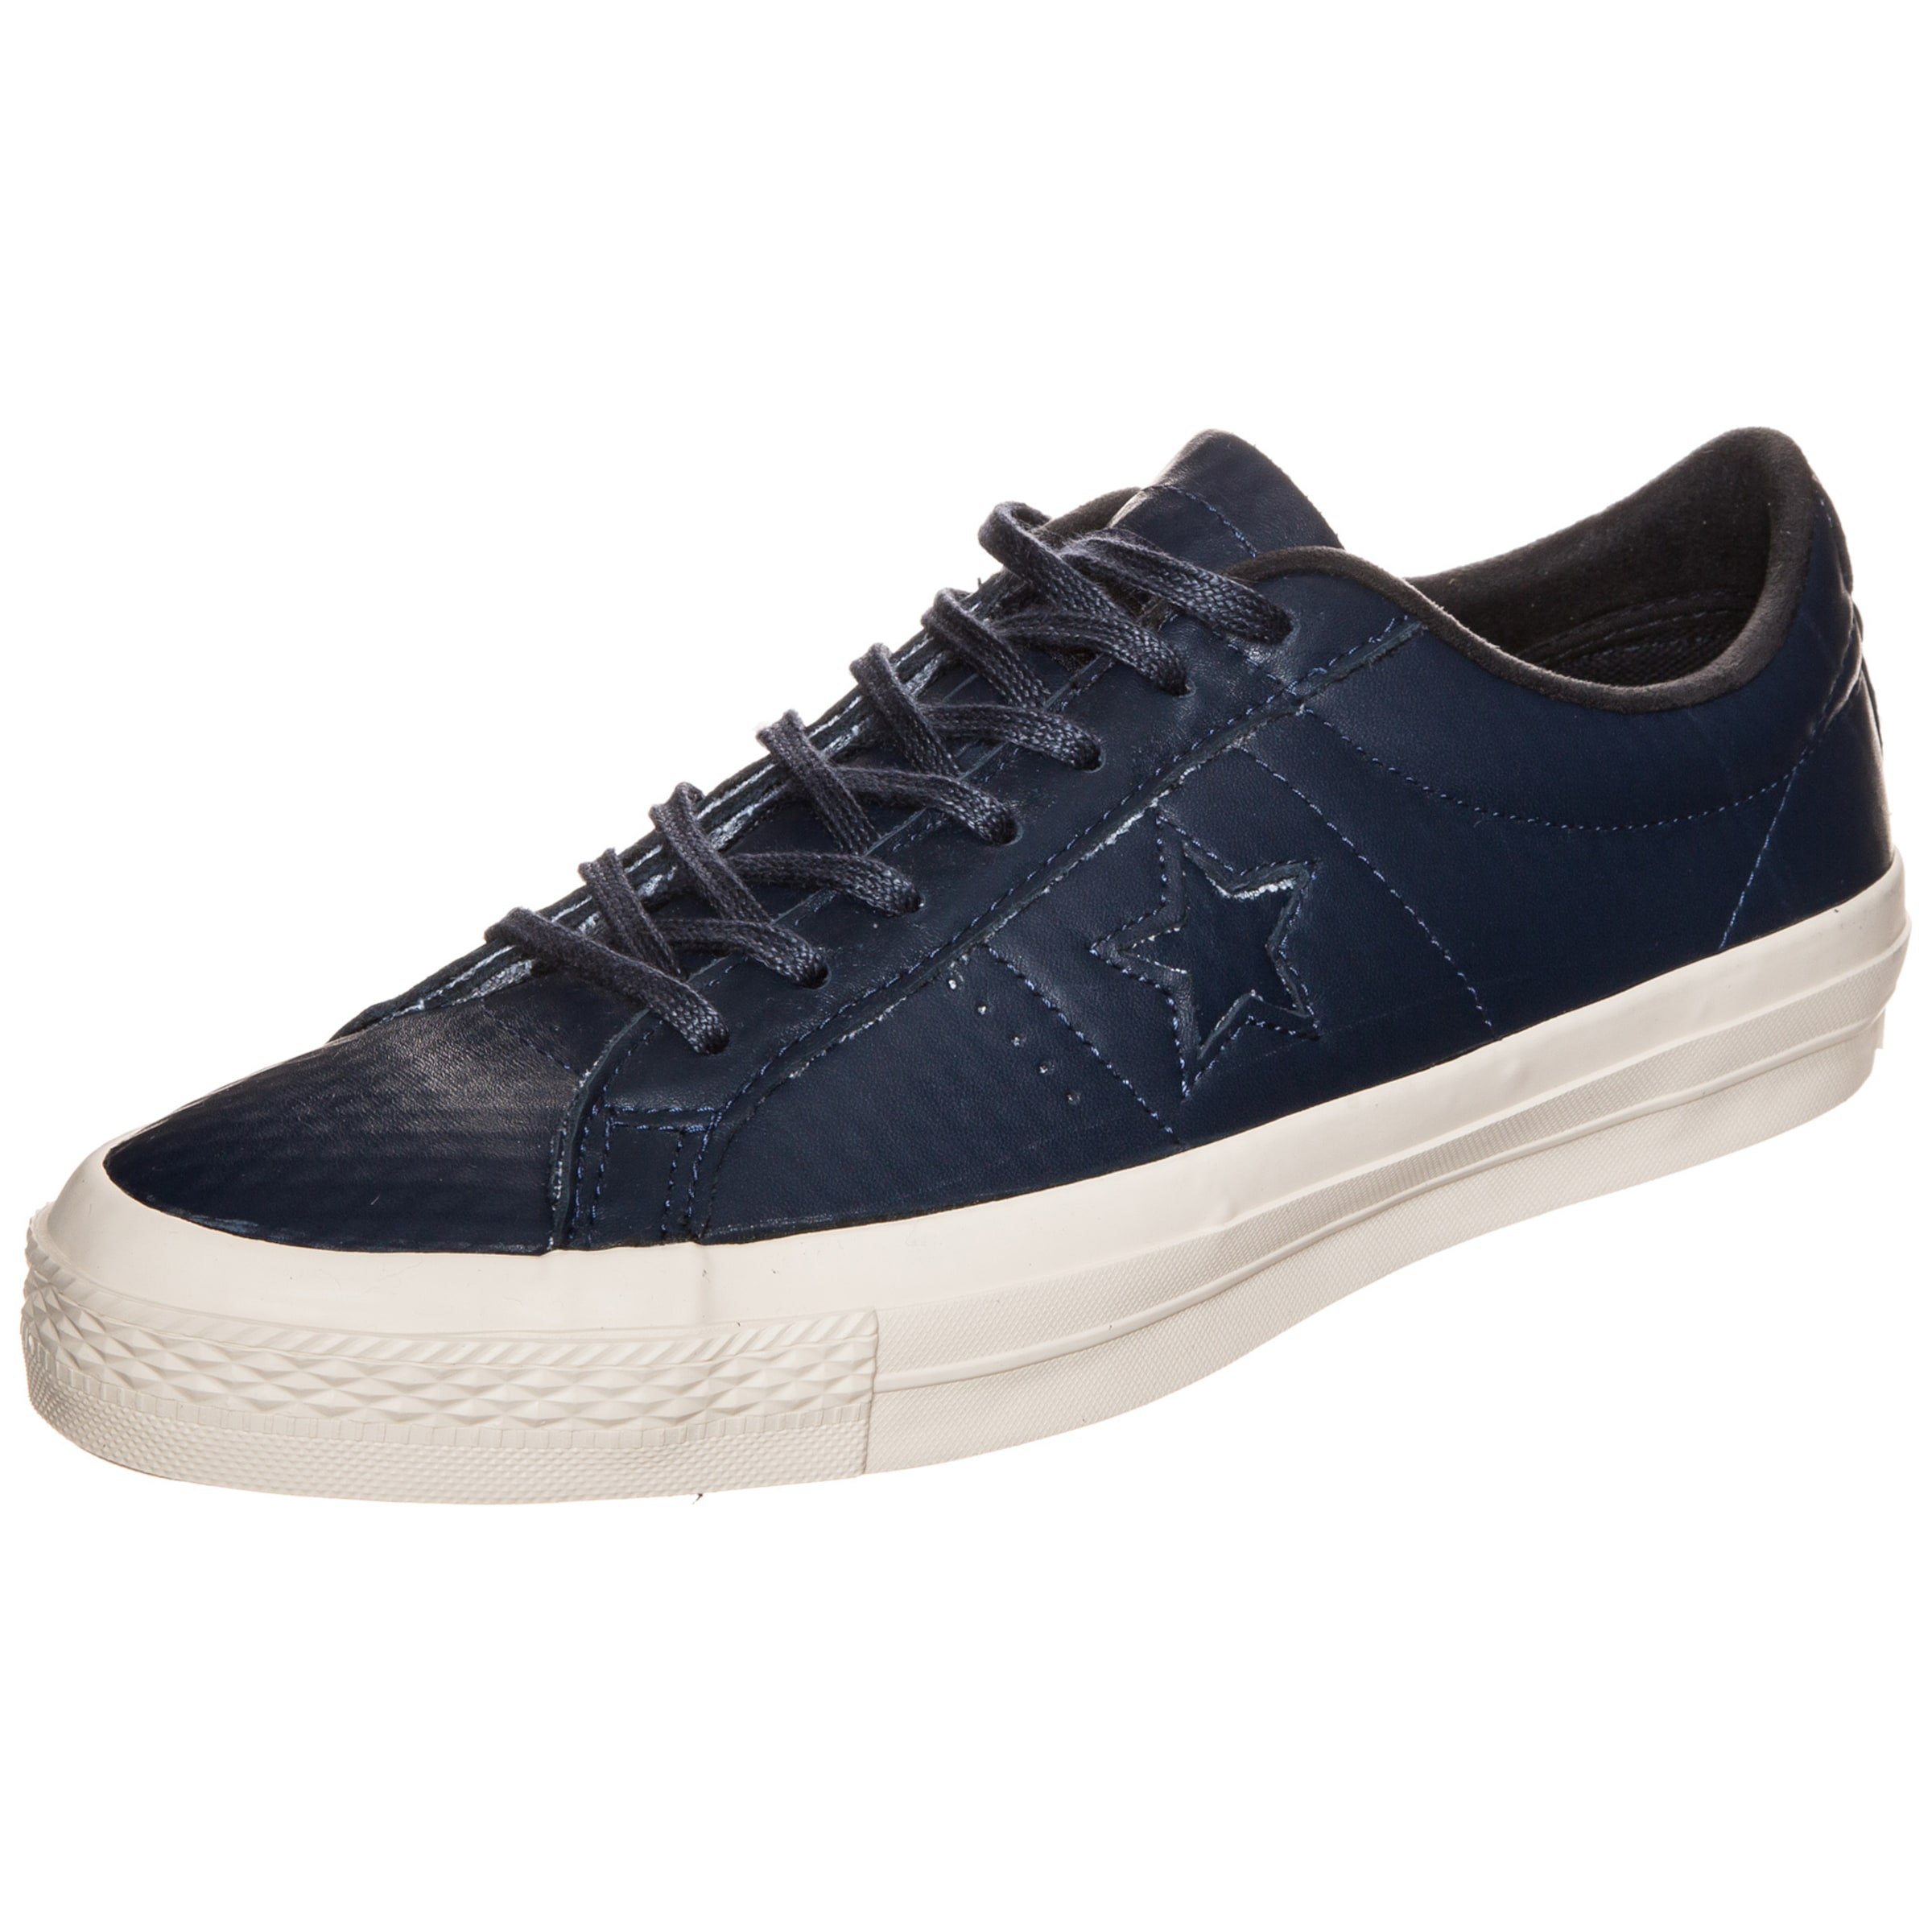 CONVERSE Cons One Star Leather OX Sneaker Mit Kreditkarte Günstig Online ZbNKzDt